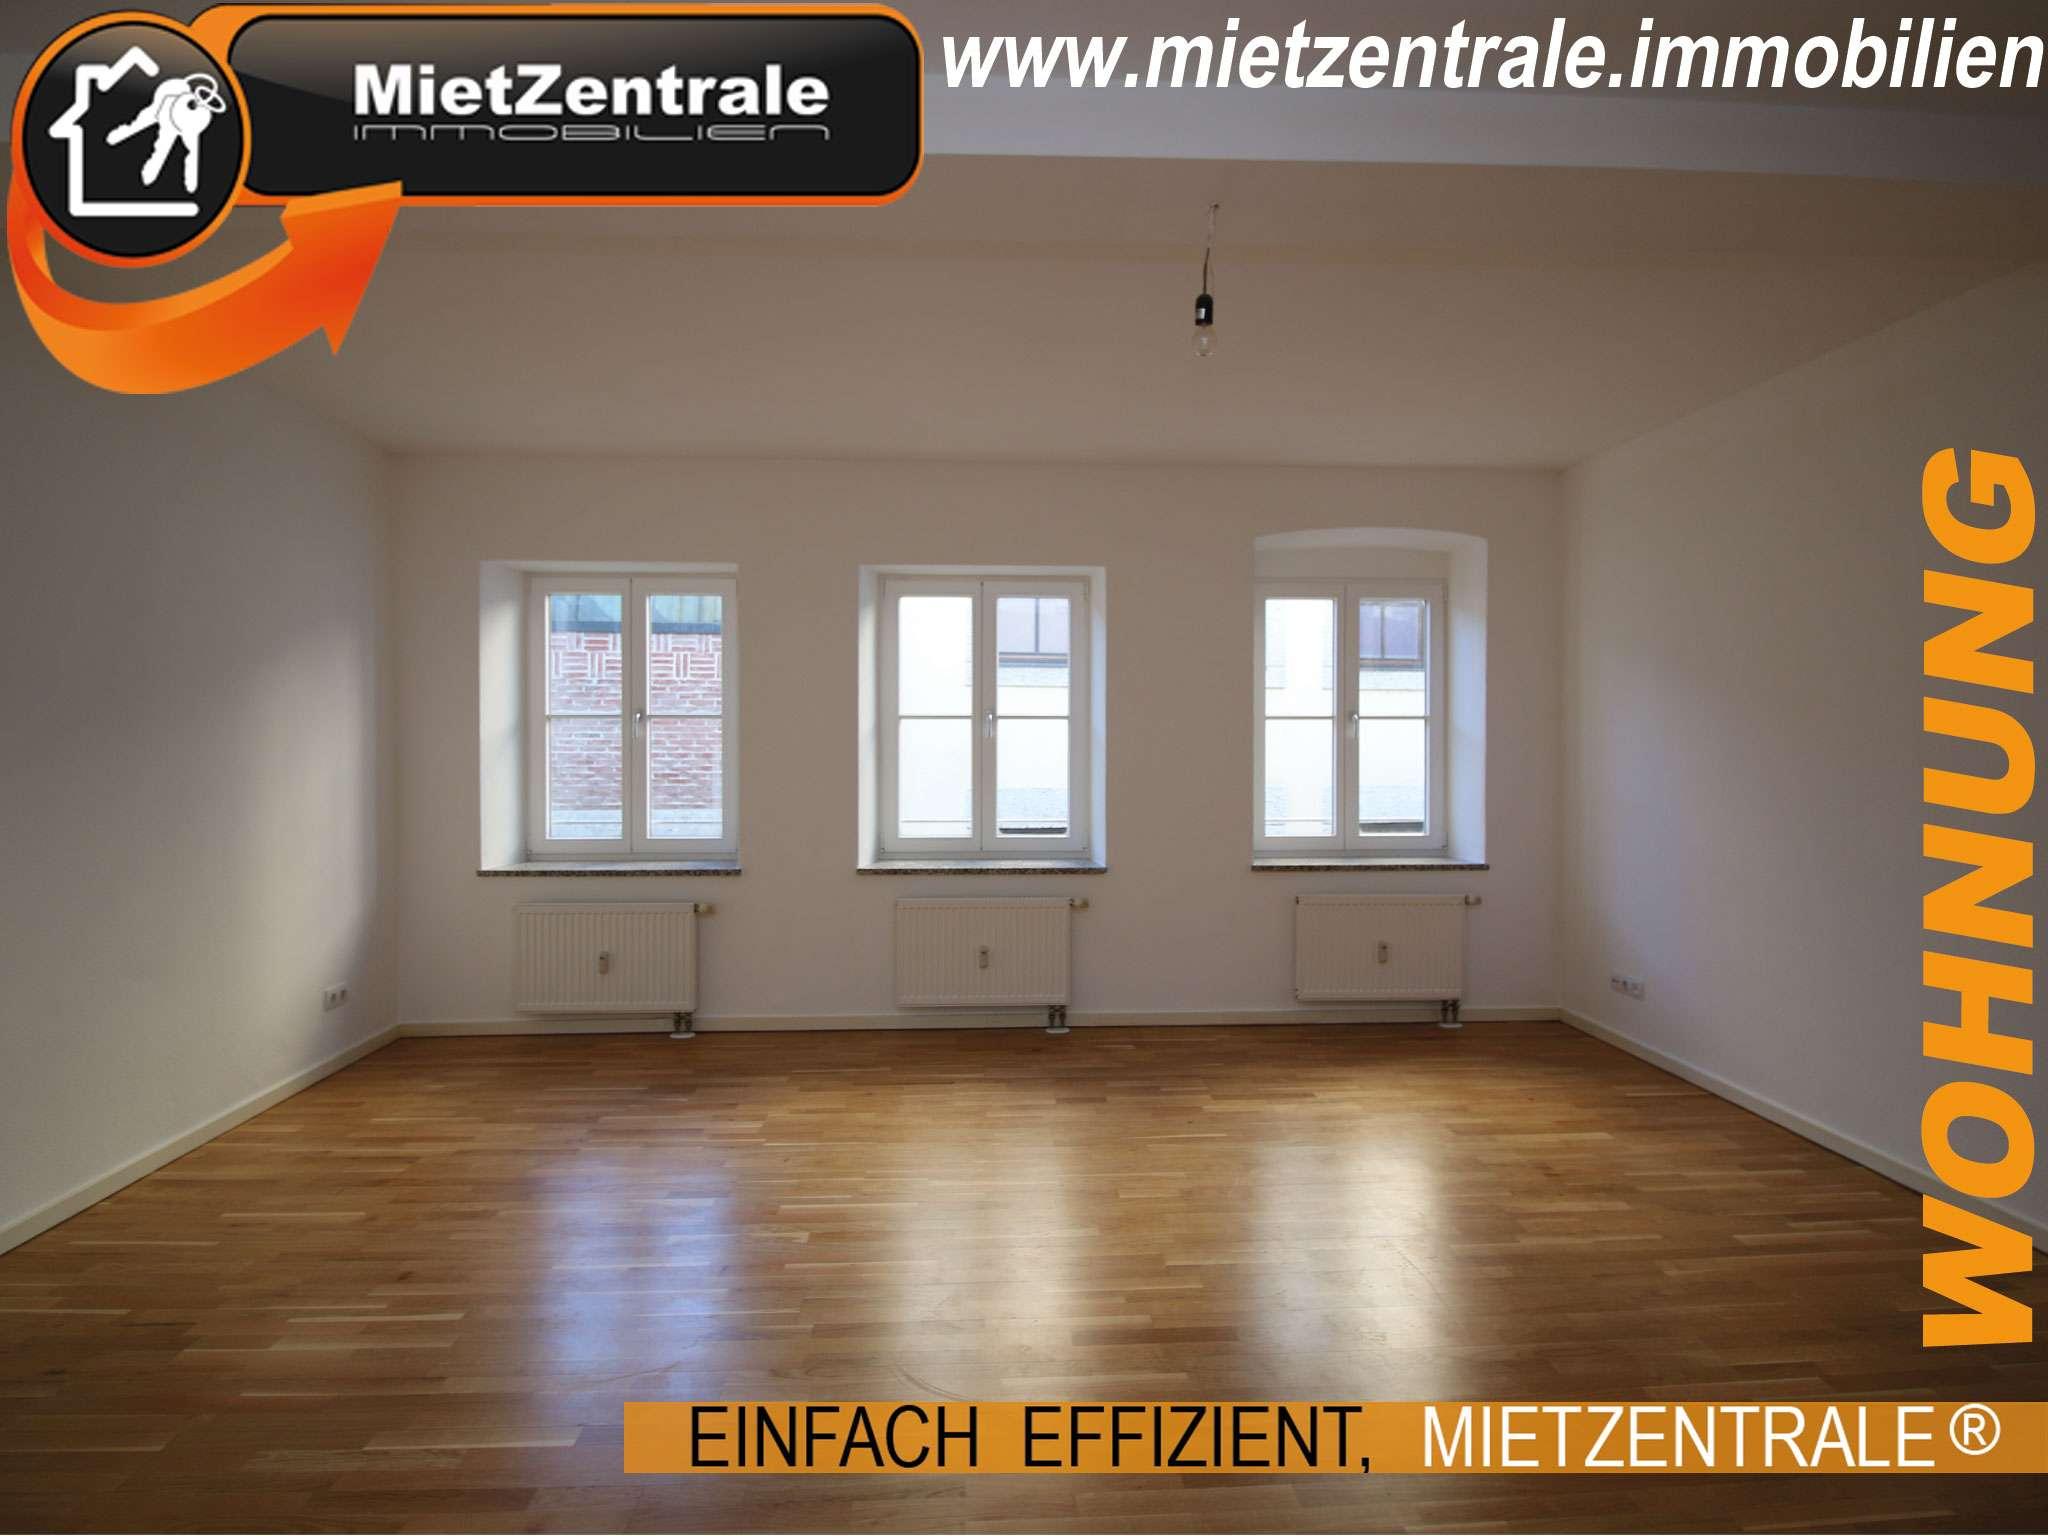 MietZentrale – Moderne, großzügige, helle, ruhige Wohnung in der Altstadt